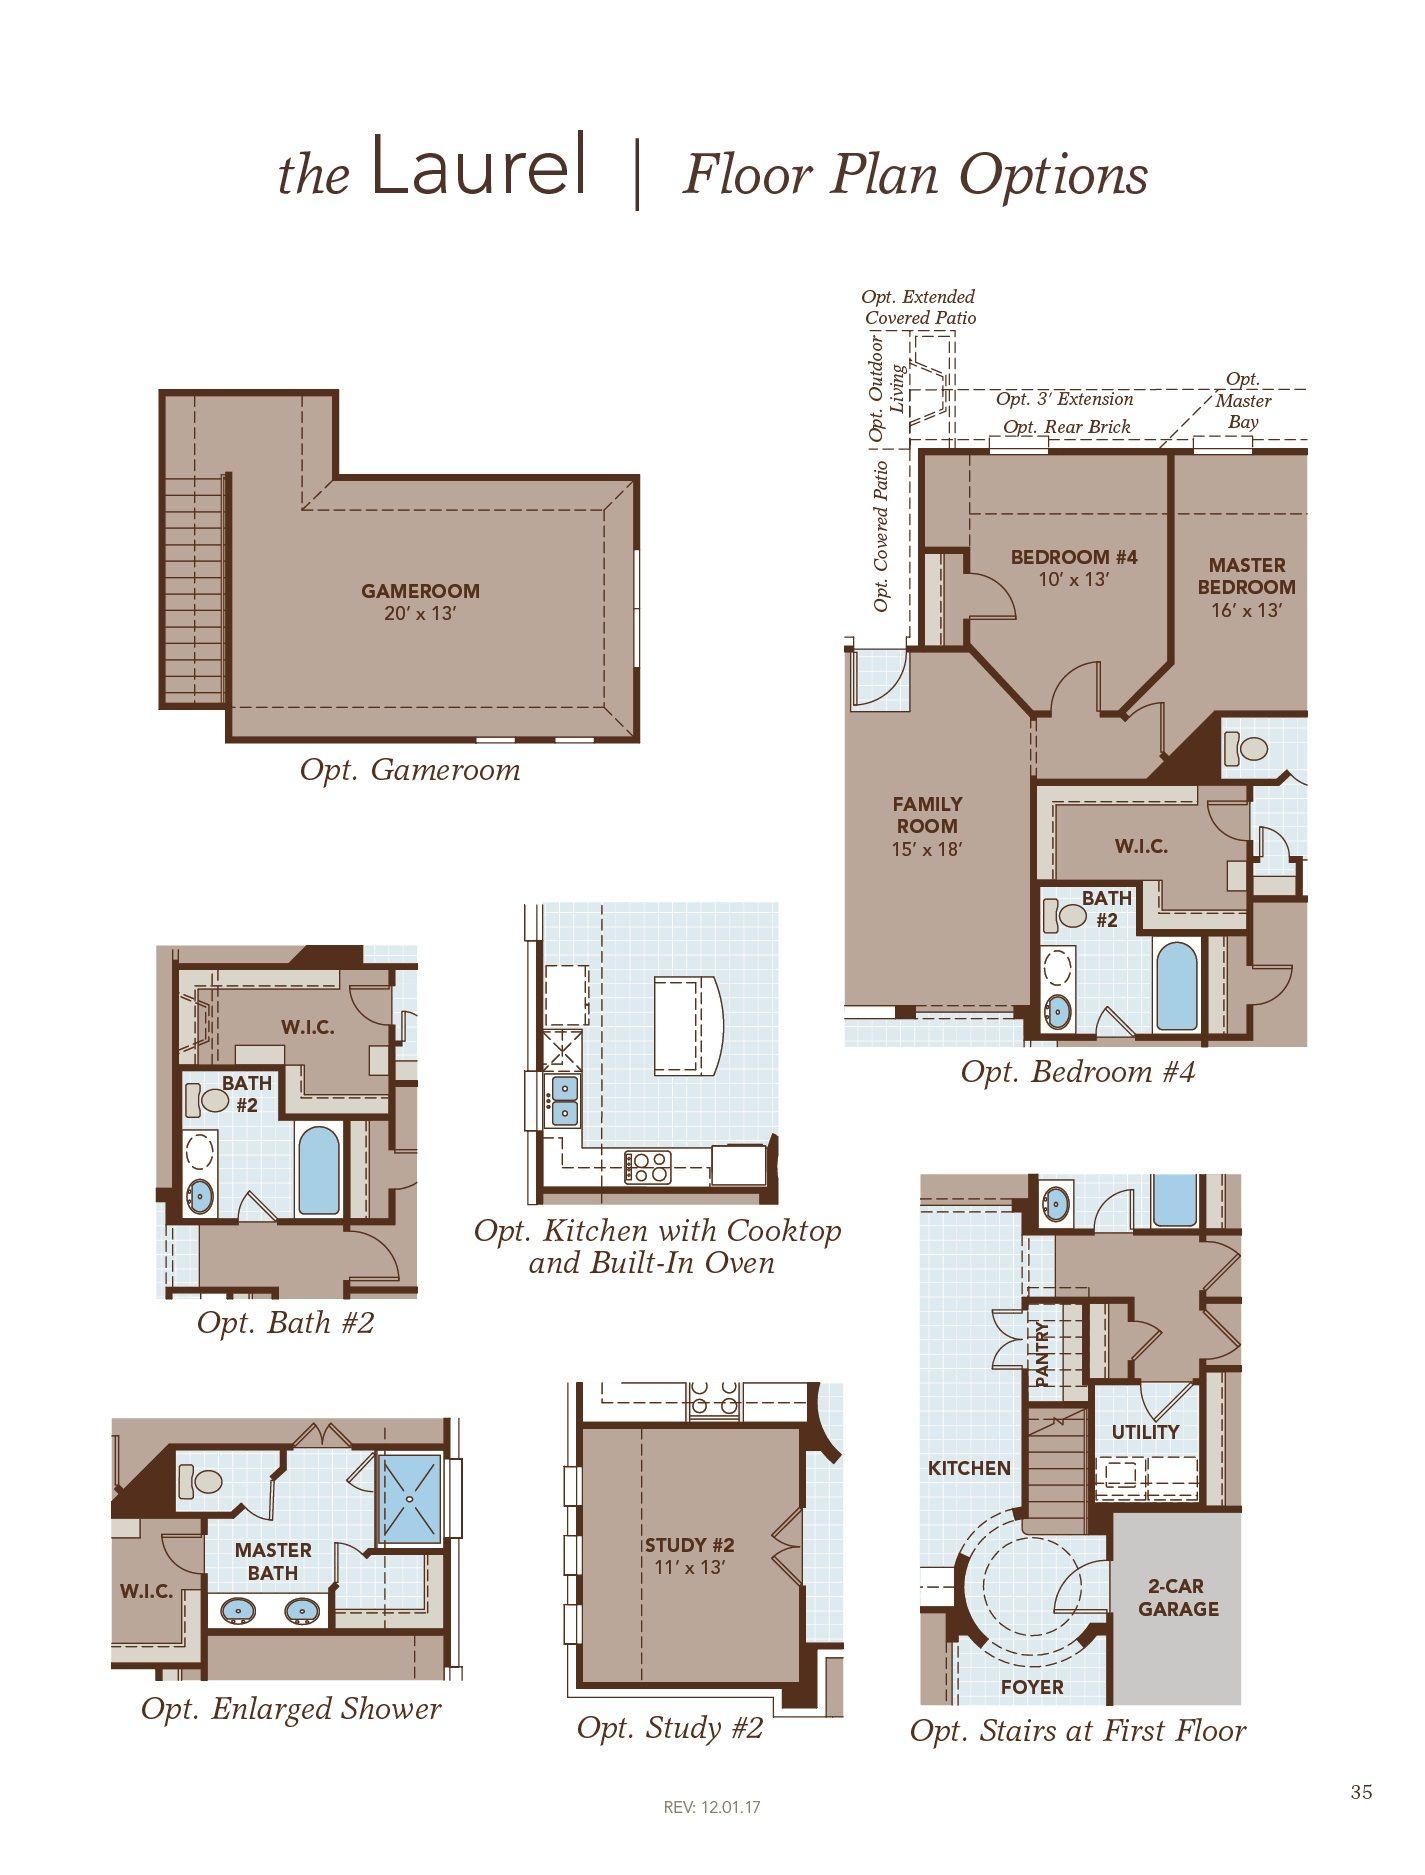 Laurel Floor Plan Options